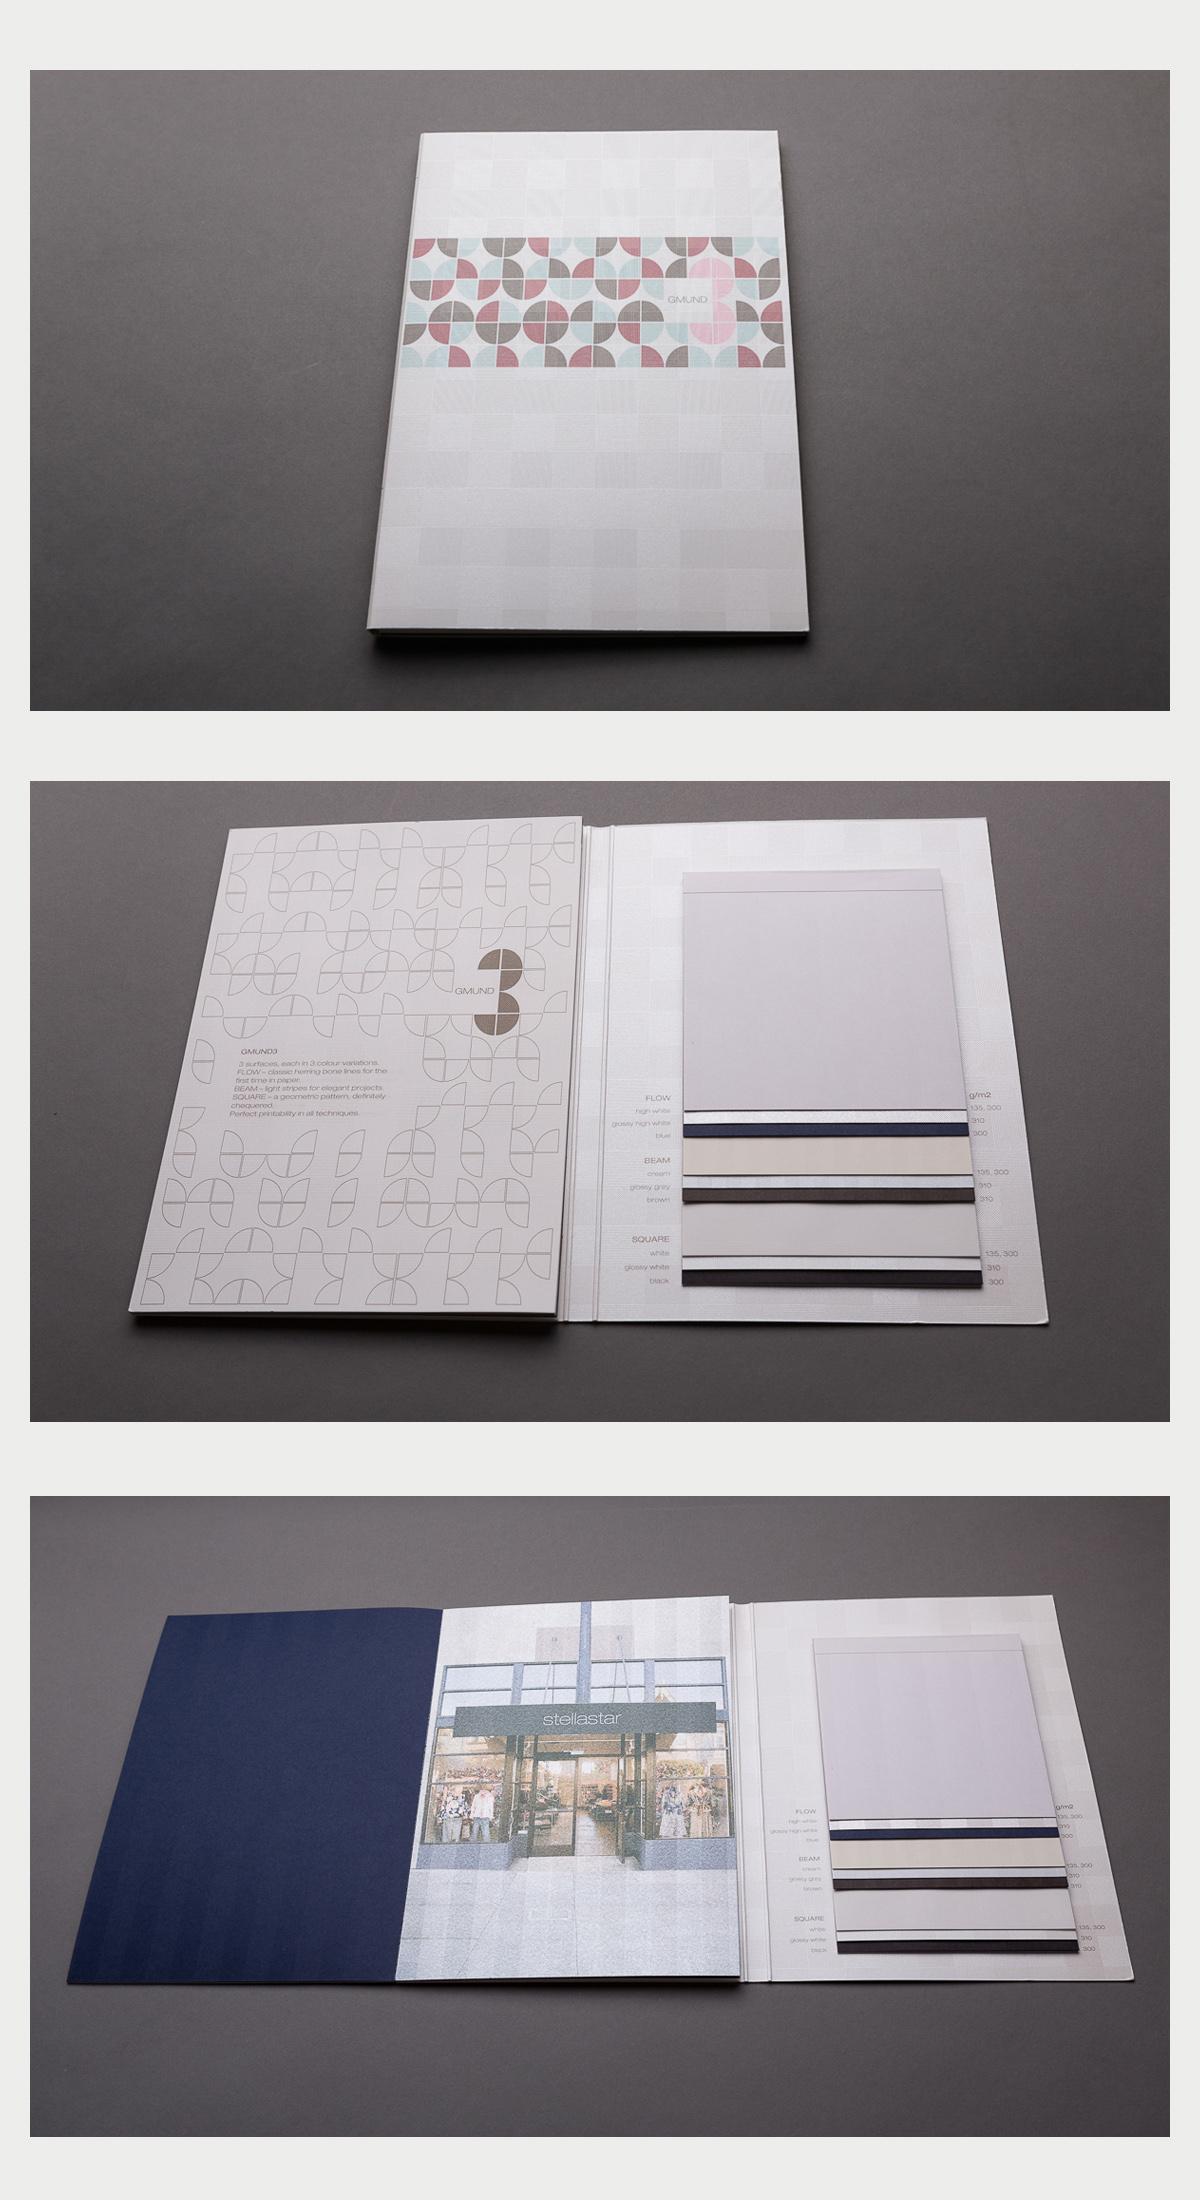 Swatch book de Gmund 3.